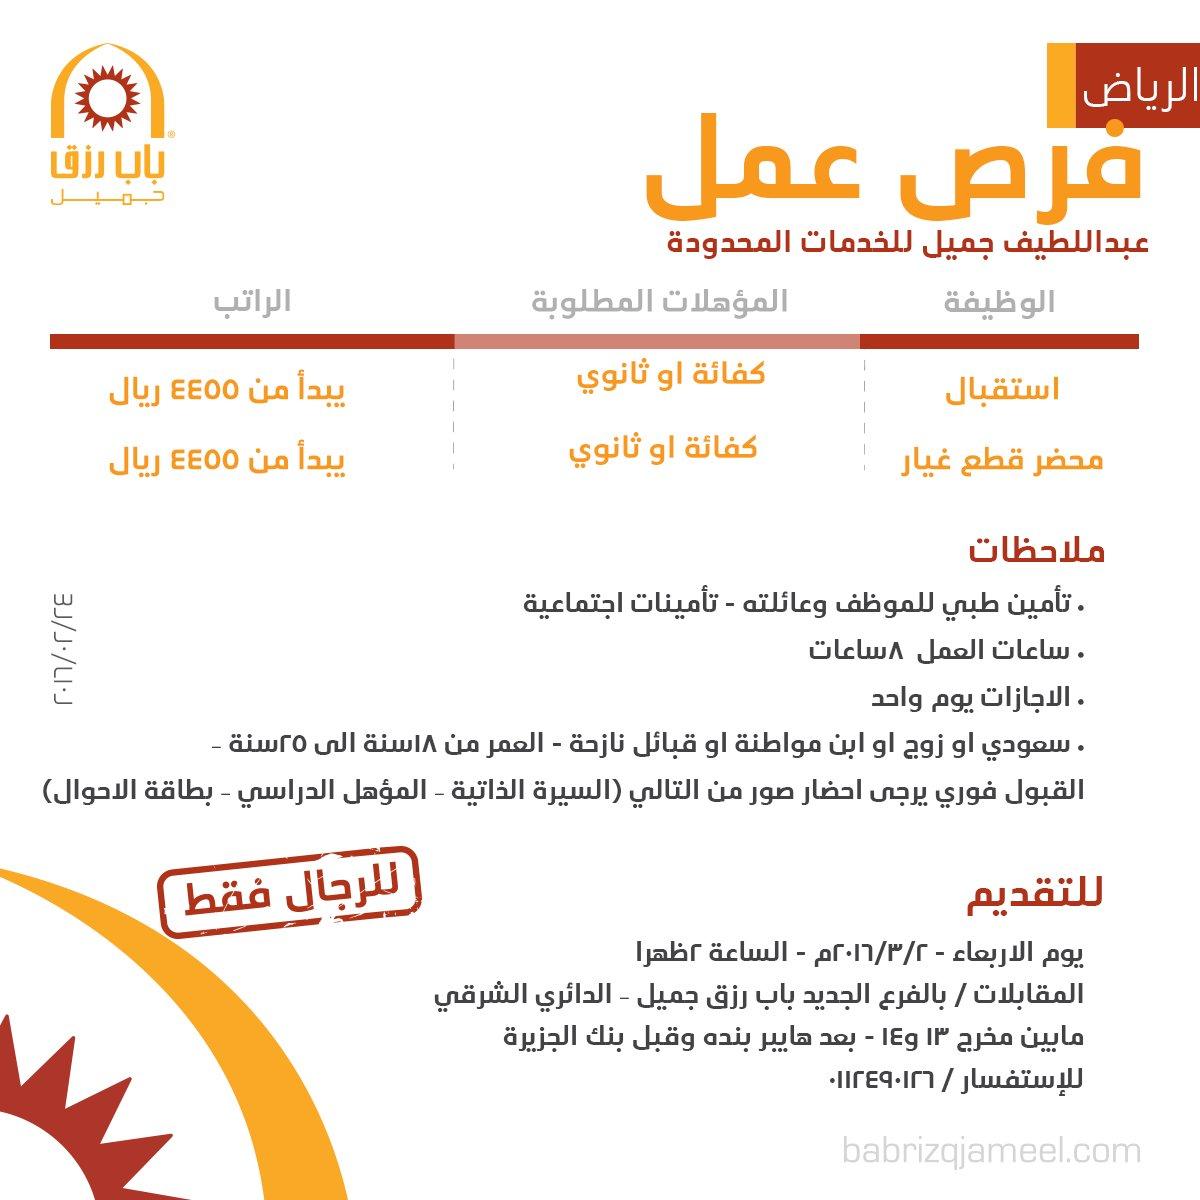 التقديم يوم الأربعاء على وظائف استقبال ومحضر قطع غيار في شركة عبد اللطيف جميل - الرياض